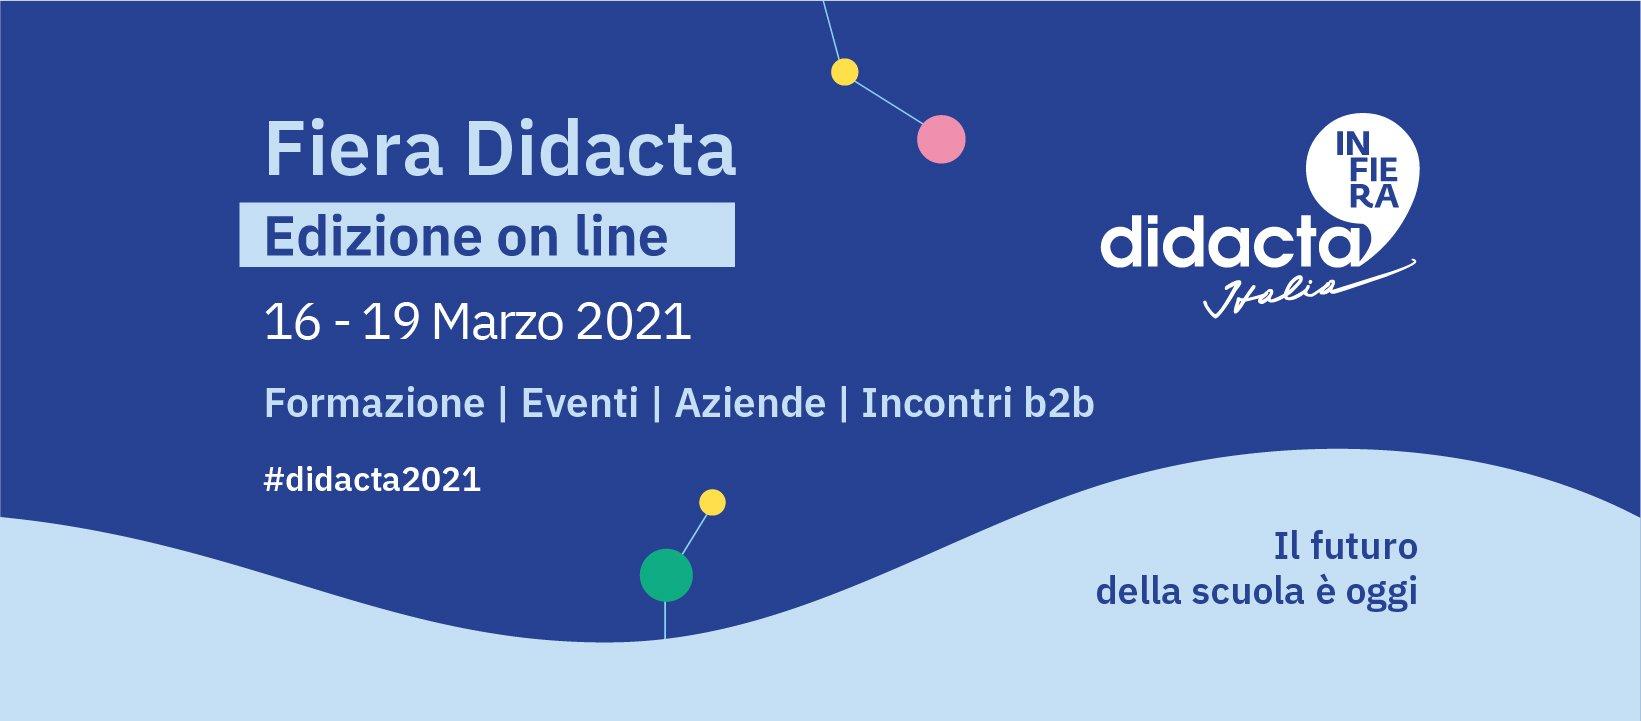 Scuola: Didacta 2021, dal 16 al 19 marzo nuova edizione online della Fiera